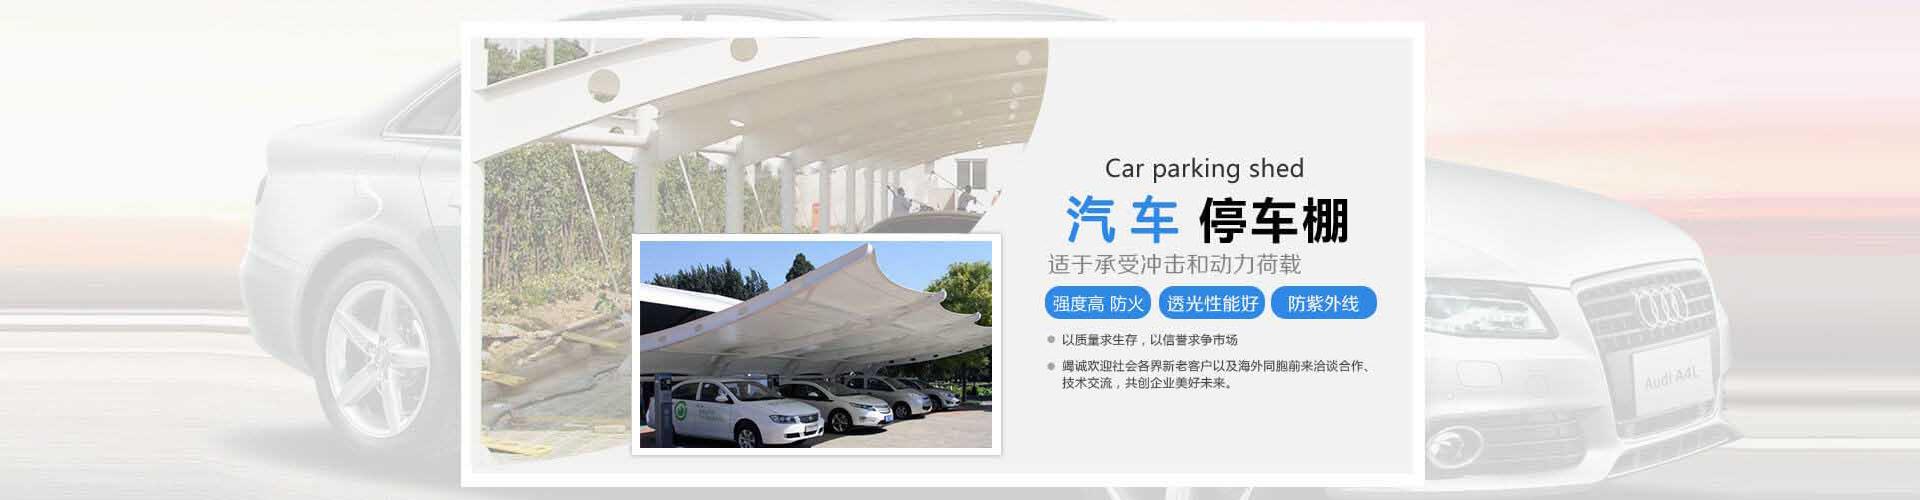 优质膜结构汽车停车棚系列产品推荐